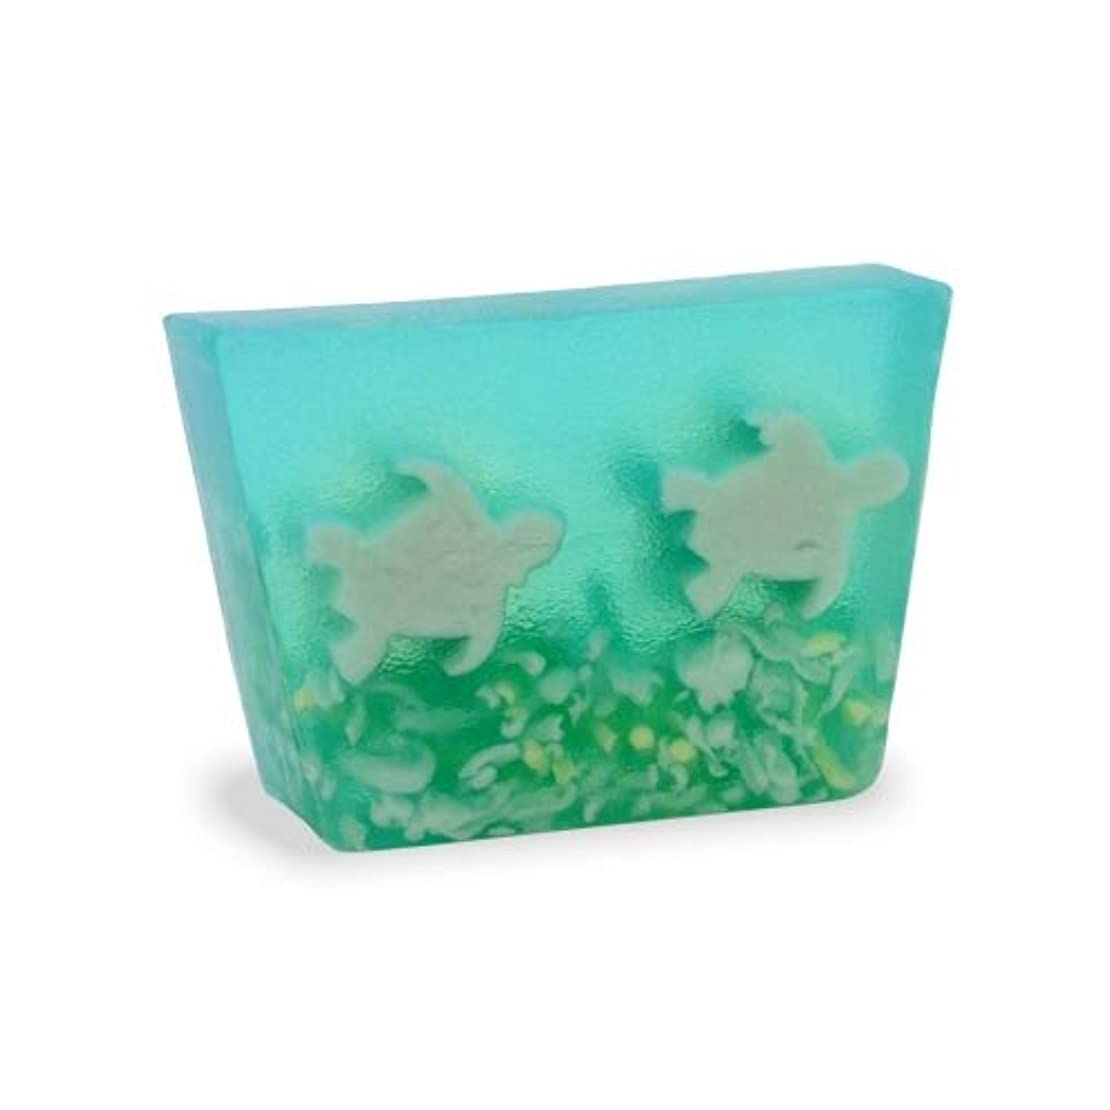 絶え間ない海洋のシリングプライモールエレメンツ アロマティック ミニソープ シータートルズ 80g 植物性 ナチュラル 石鹸 無添加